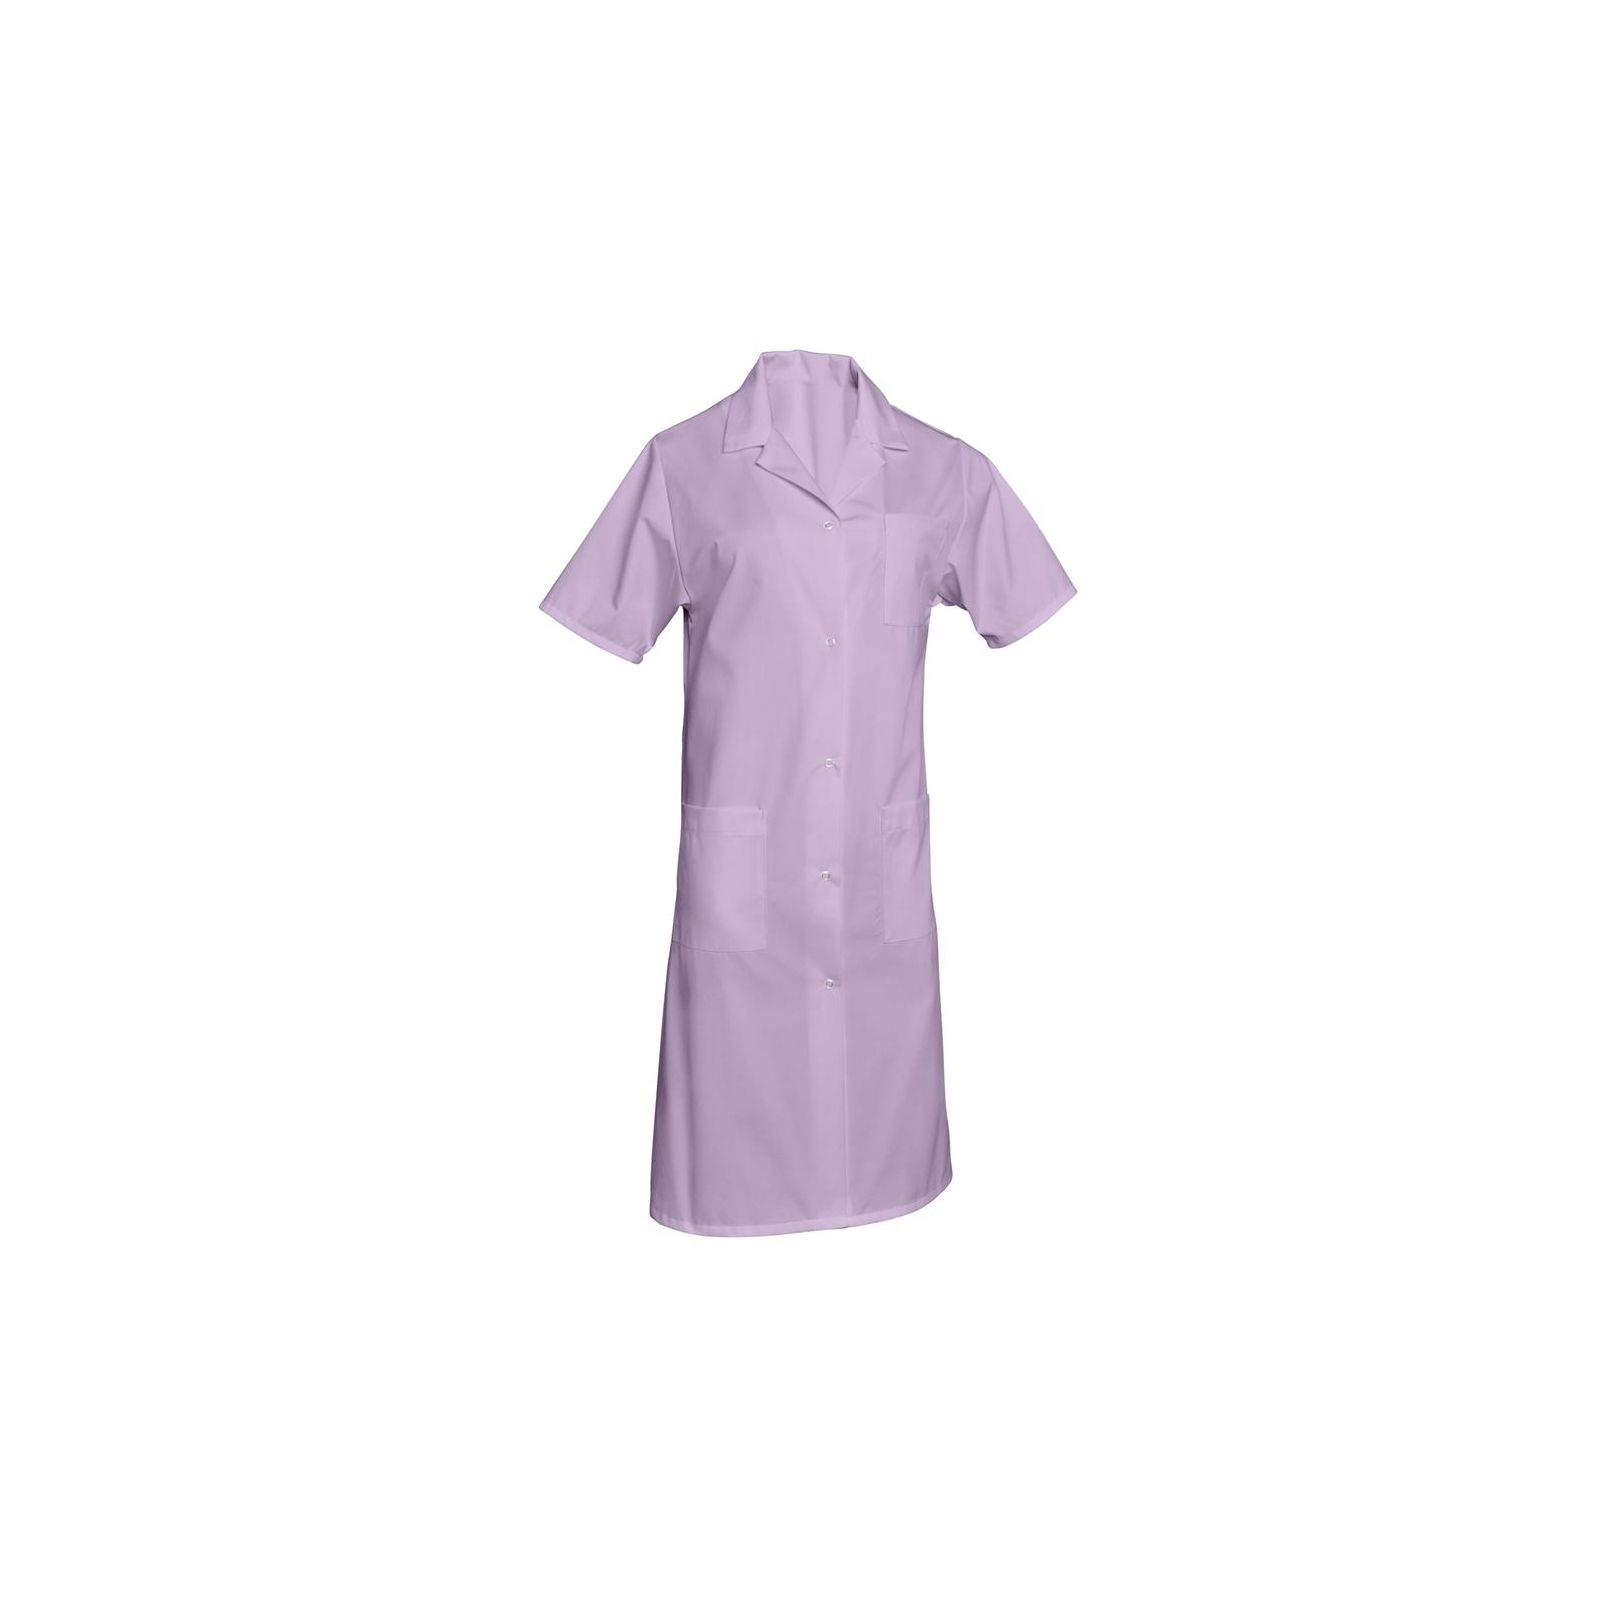 Blouse médicale Femme couleur longue Poly/Coton Madona, SNV (MADCP000) couleur lilas